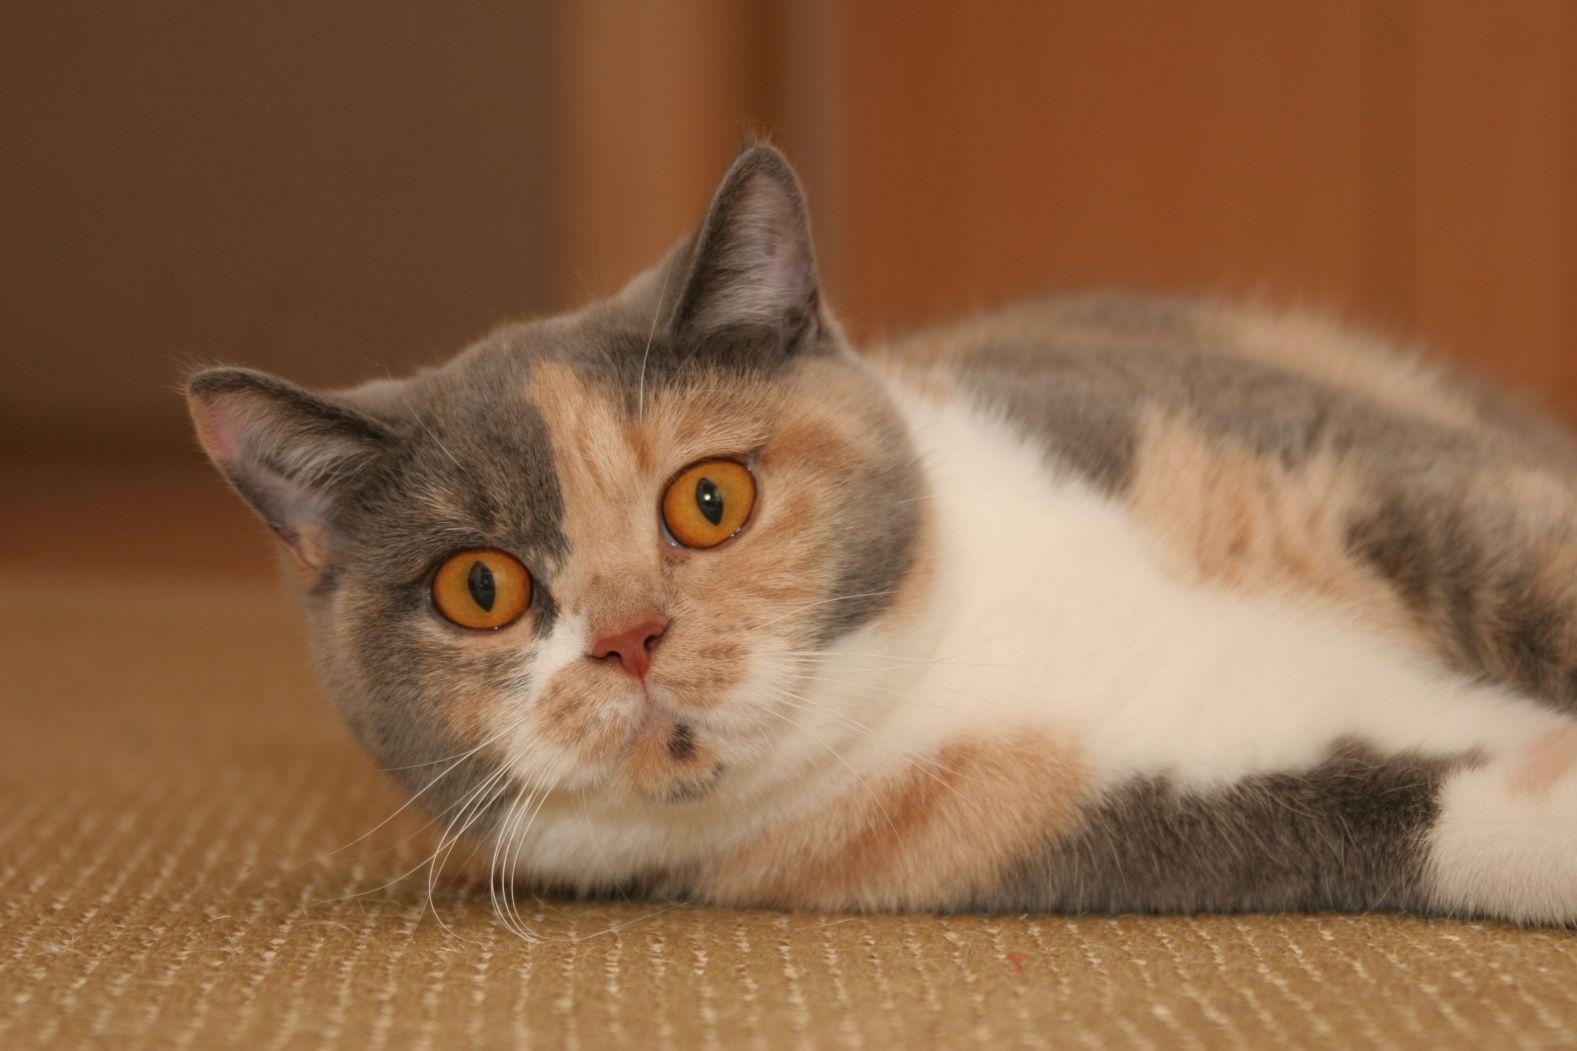 Довольно редкое сочетание цветов у трёхмастной кошки